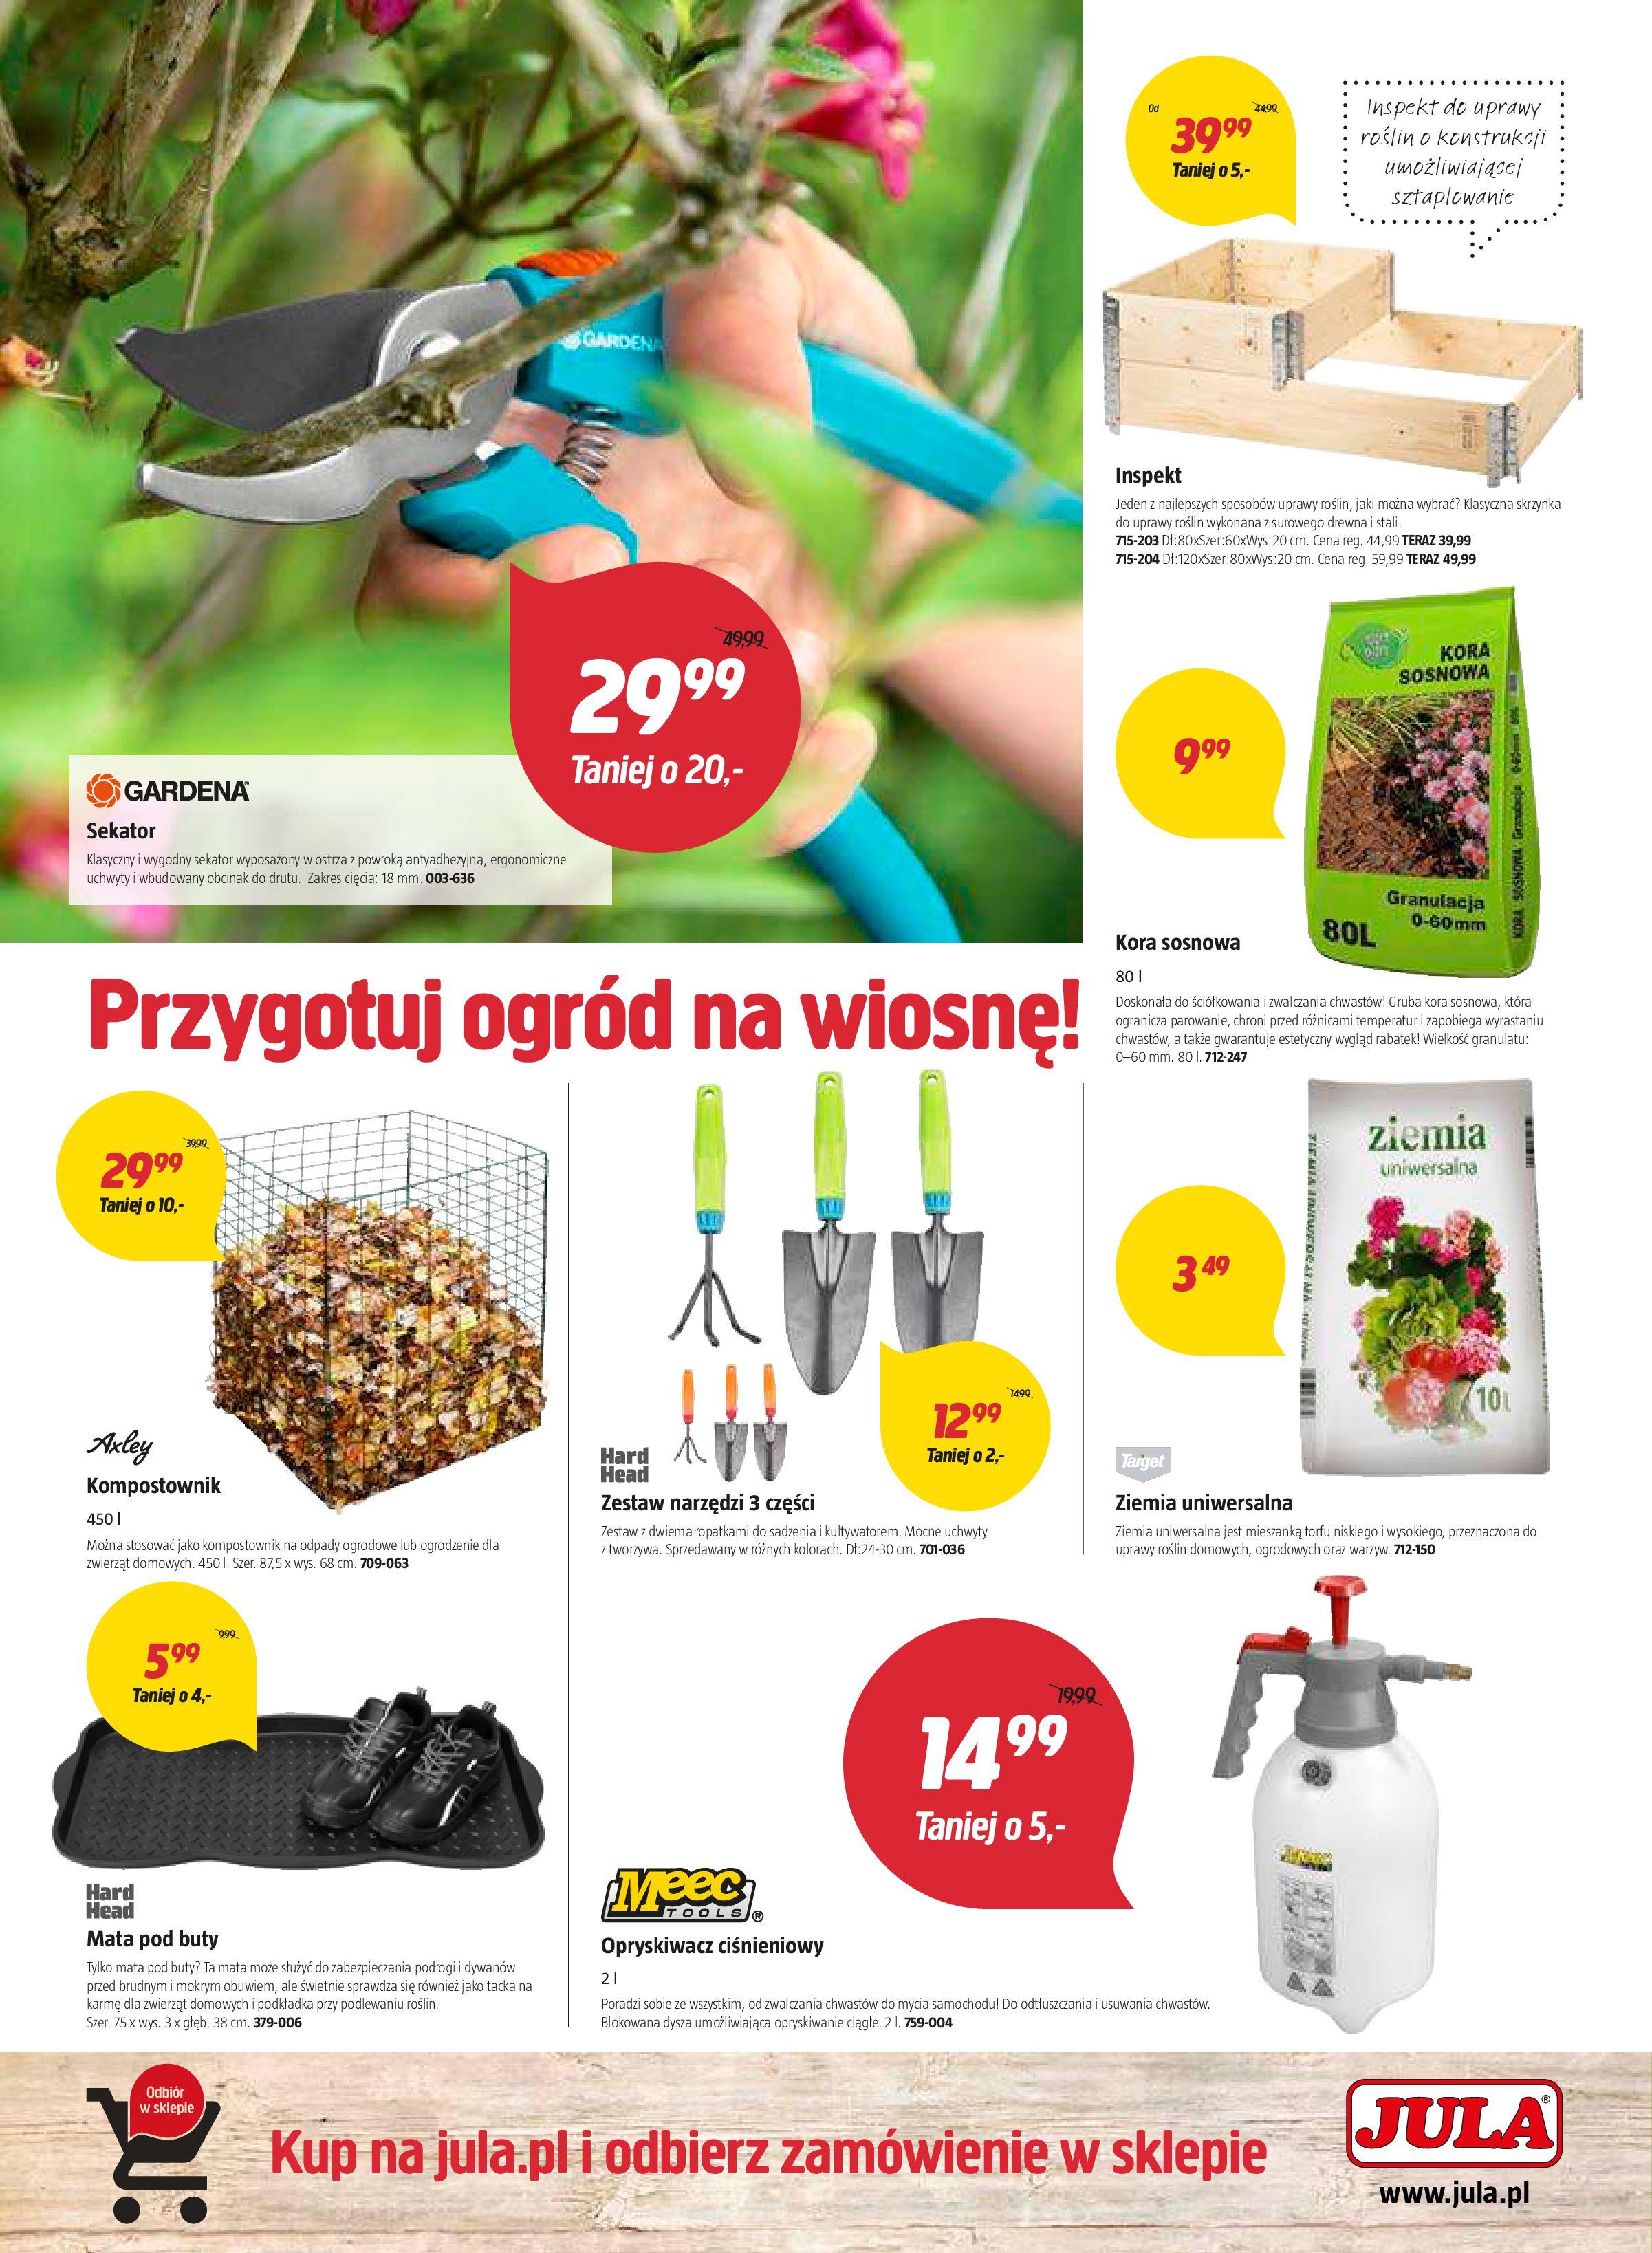 Gazetka Jula - Czas na wiosenne porządki!-06.03.2018-21.03.2018-page-